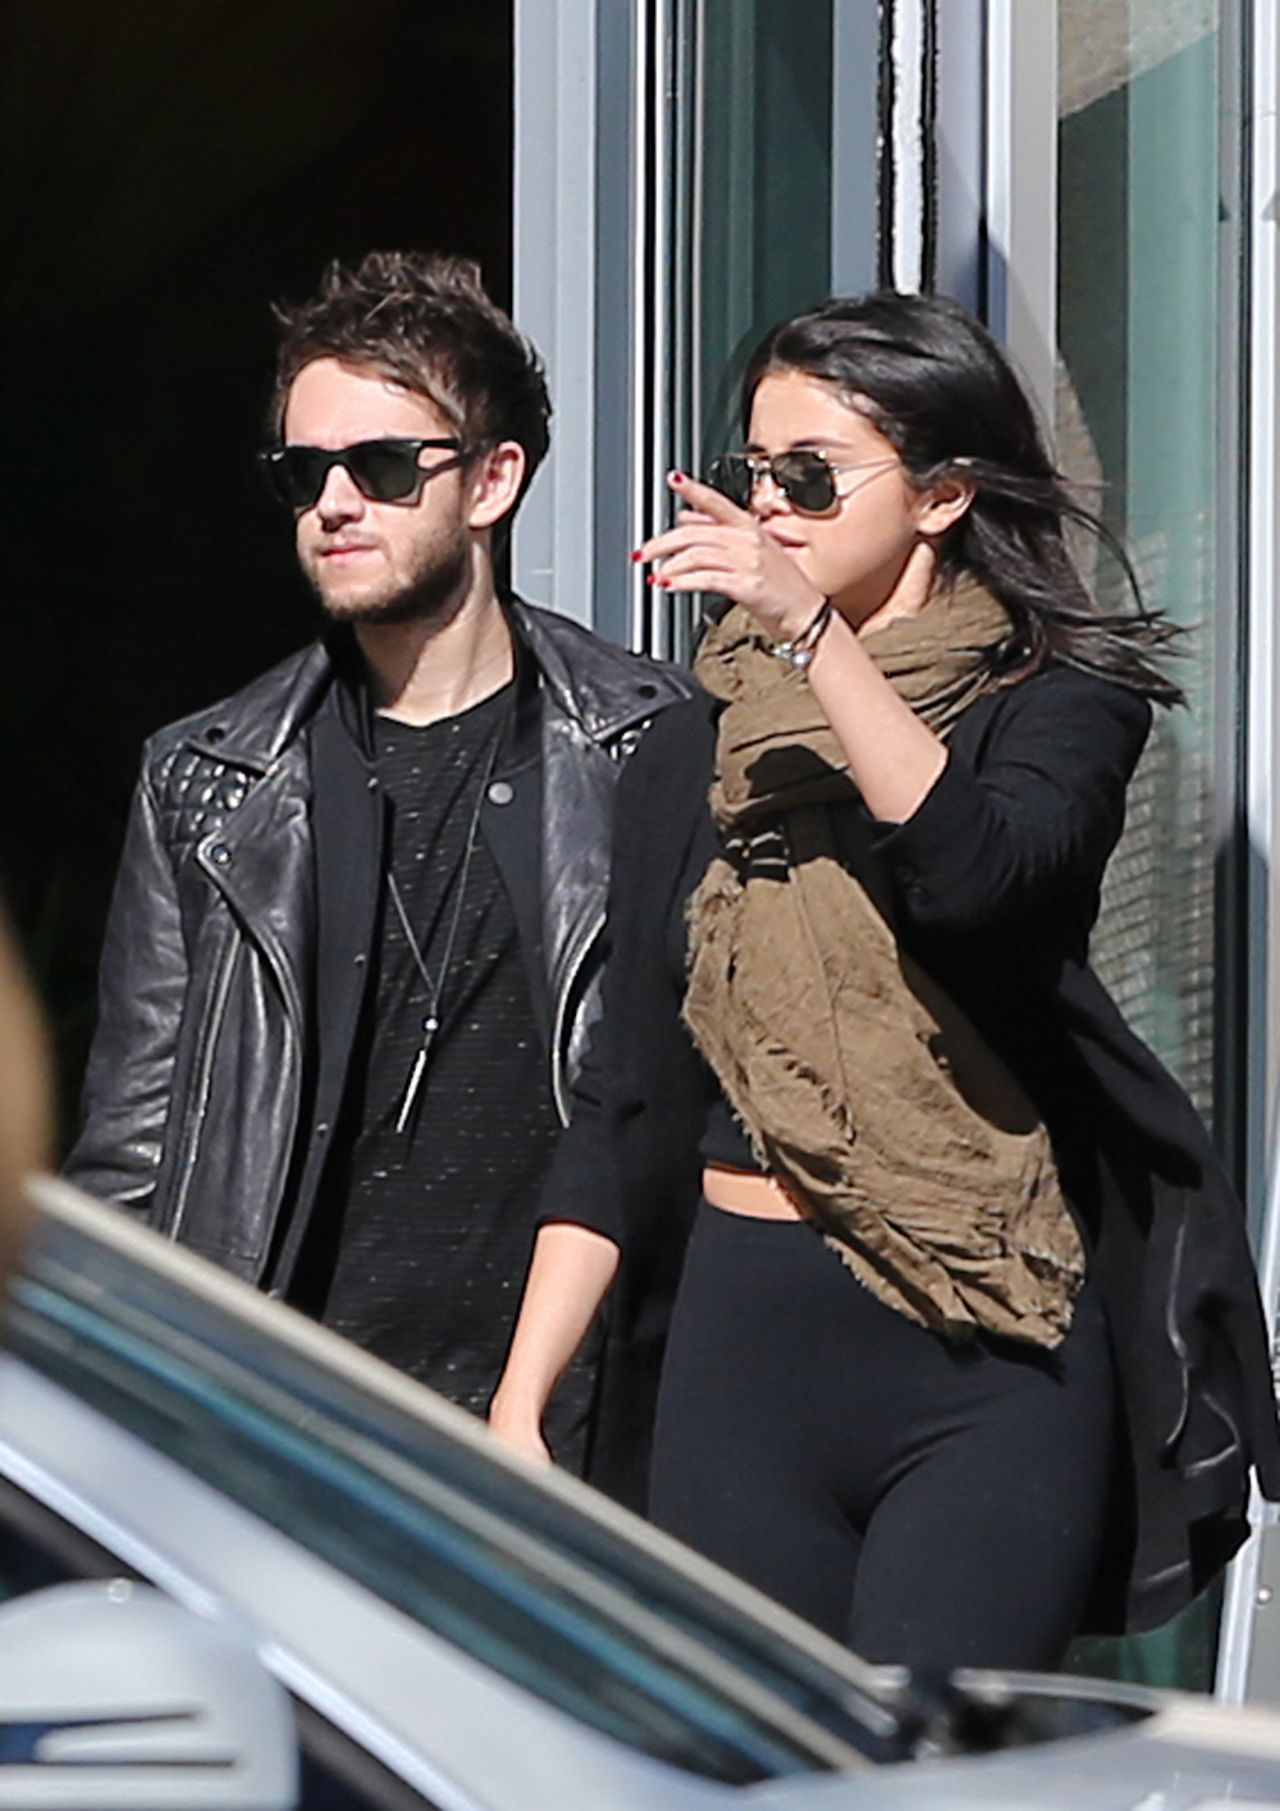 Selena Gomez With Her New Boyfriend Dj Zedd Out In